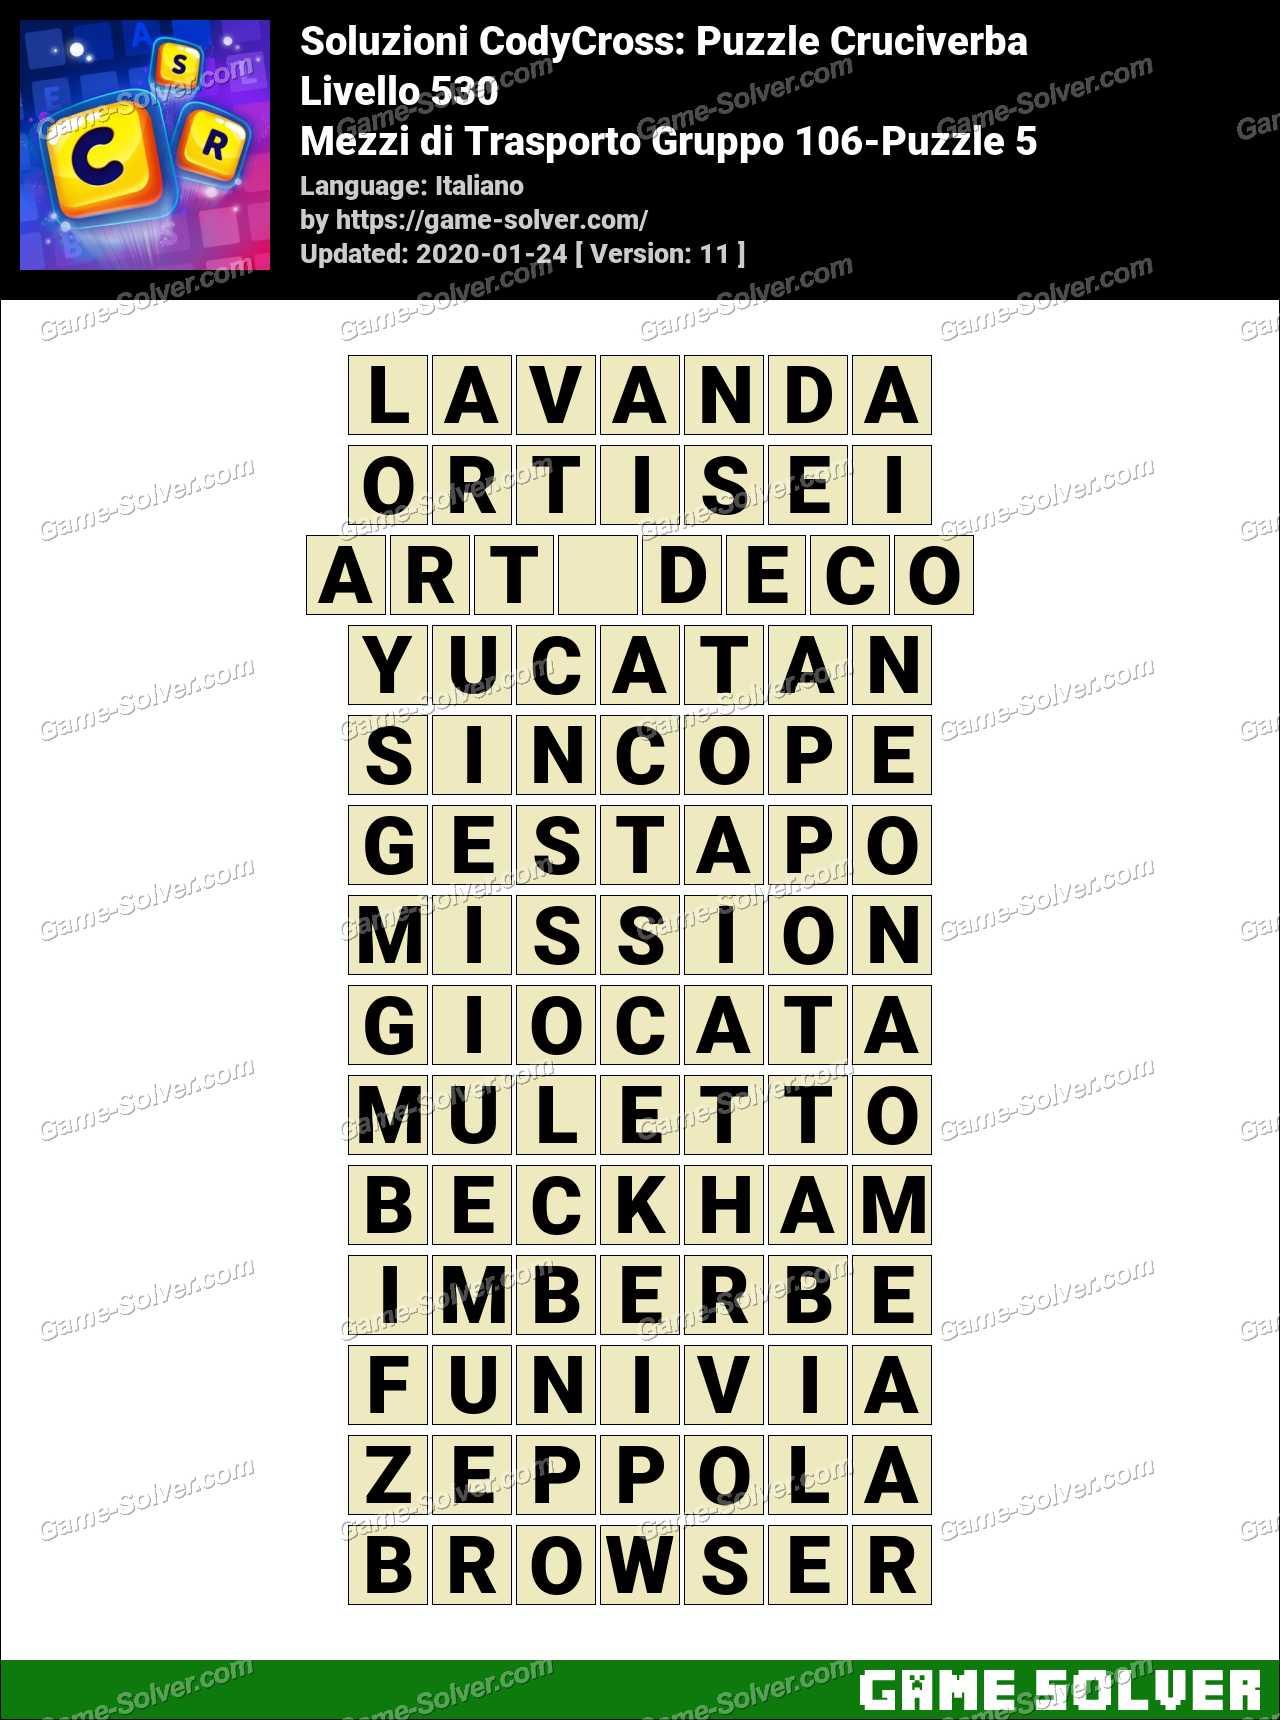 Soluzioni CodyCross Mezzi di Trasporto Gruppo 106-Puzzle 5